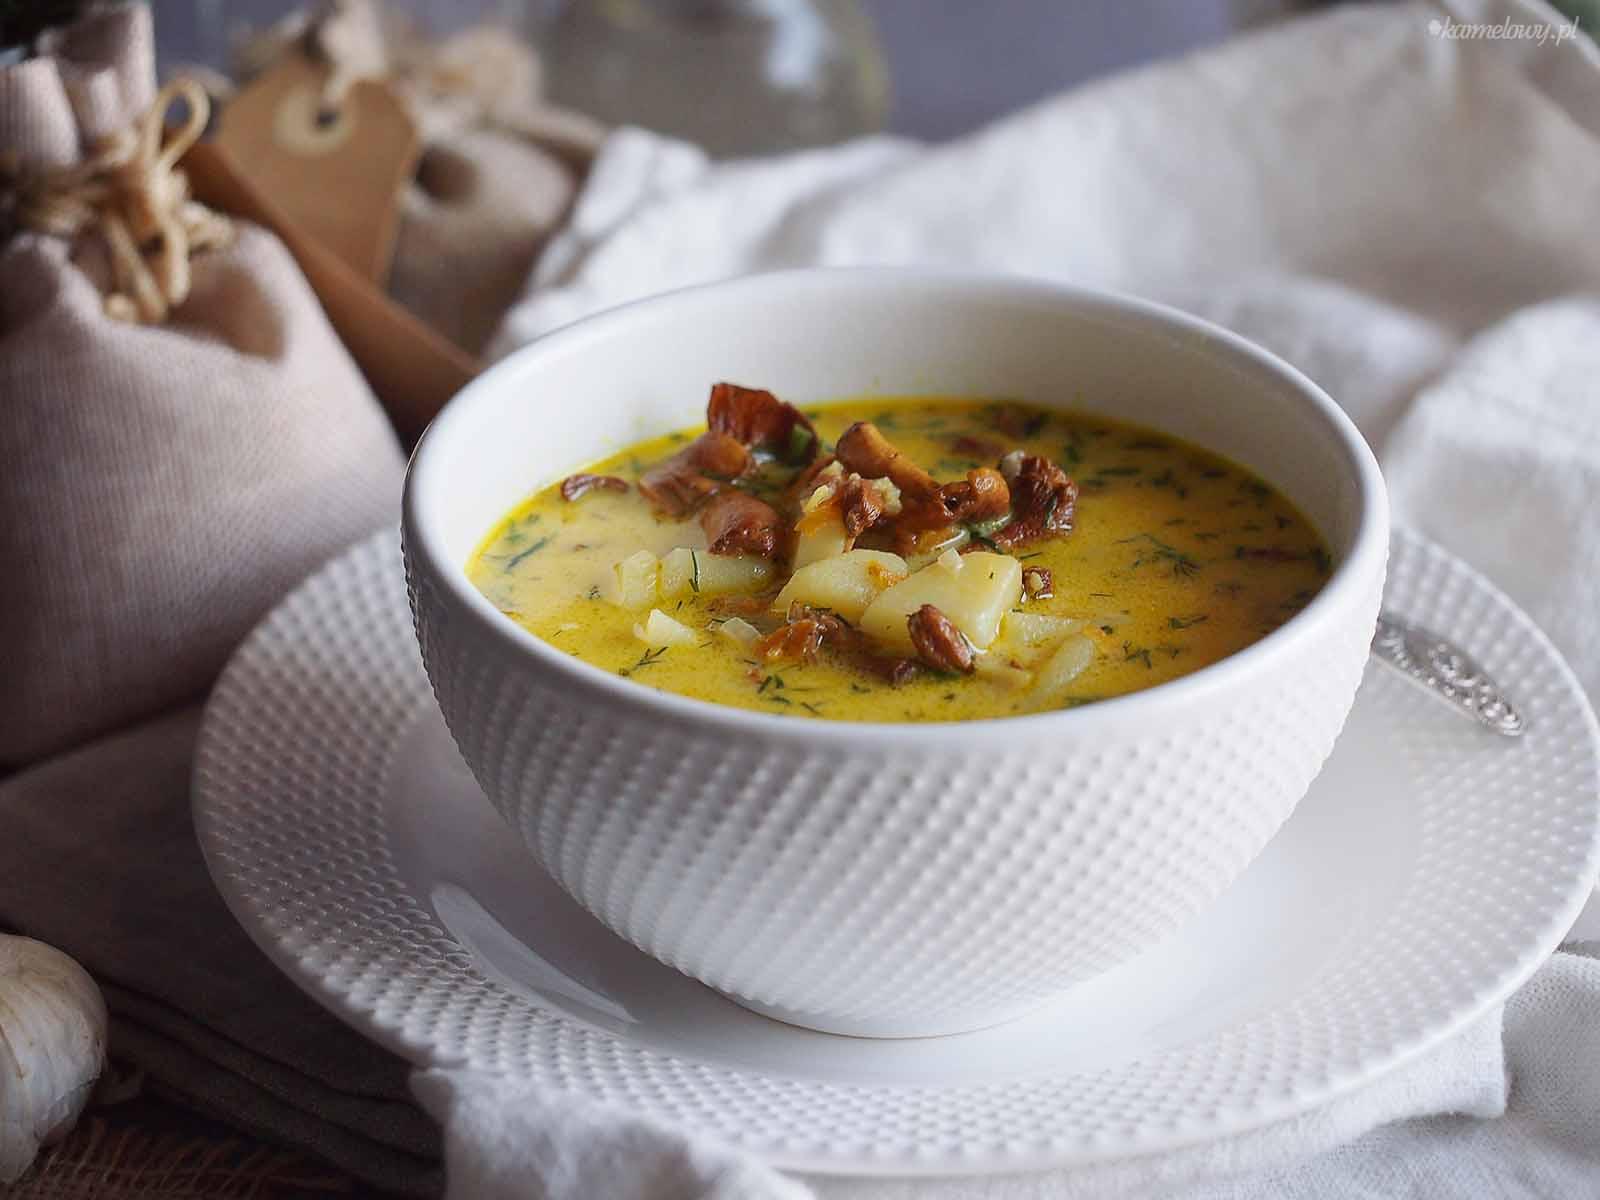 Zupa-kurkowa-Chanterelle-soup